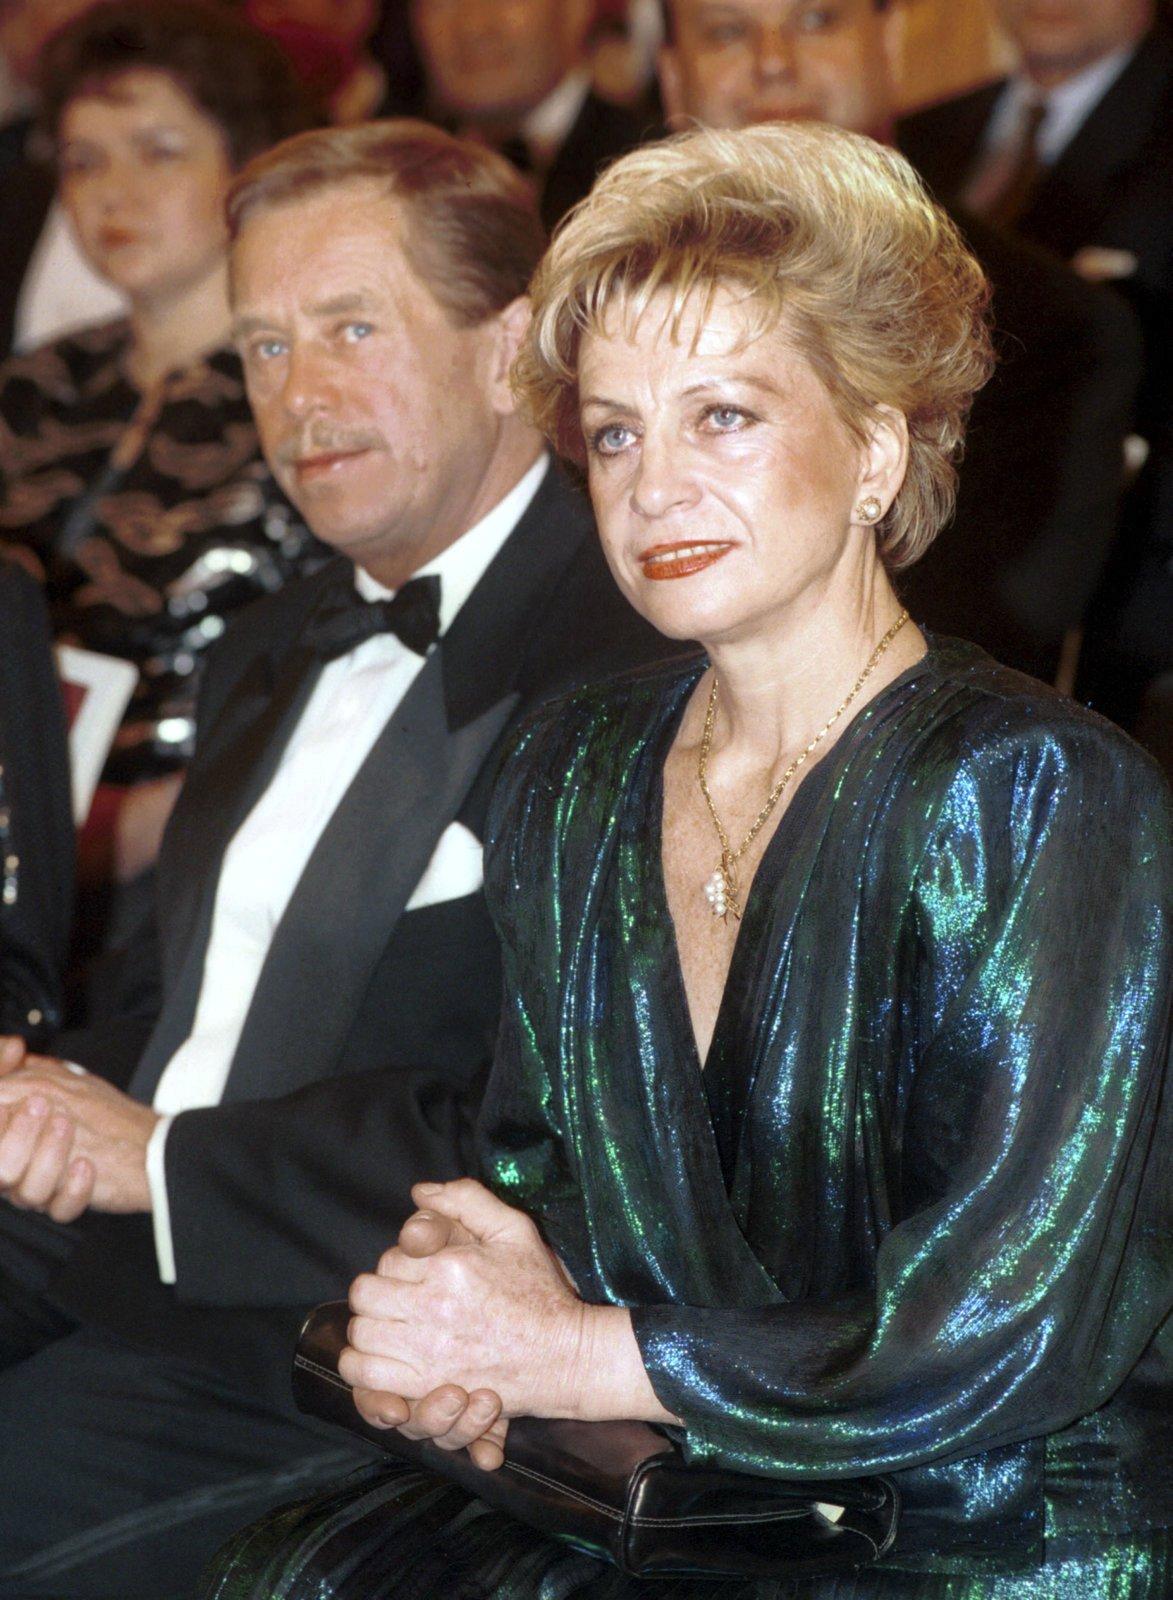 Věra Čáslavská a Václav Havel v roce 1980